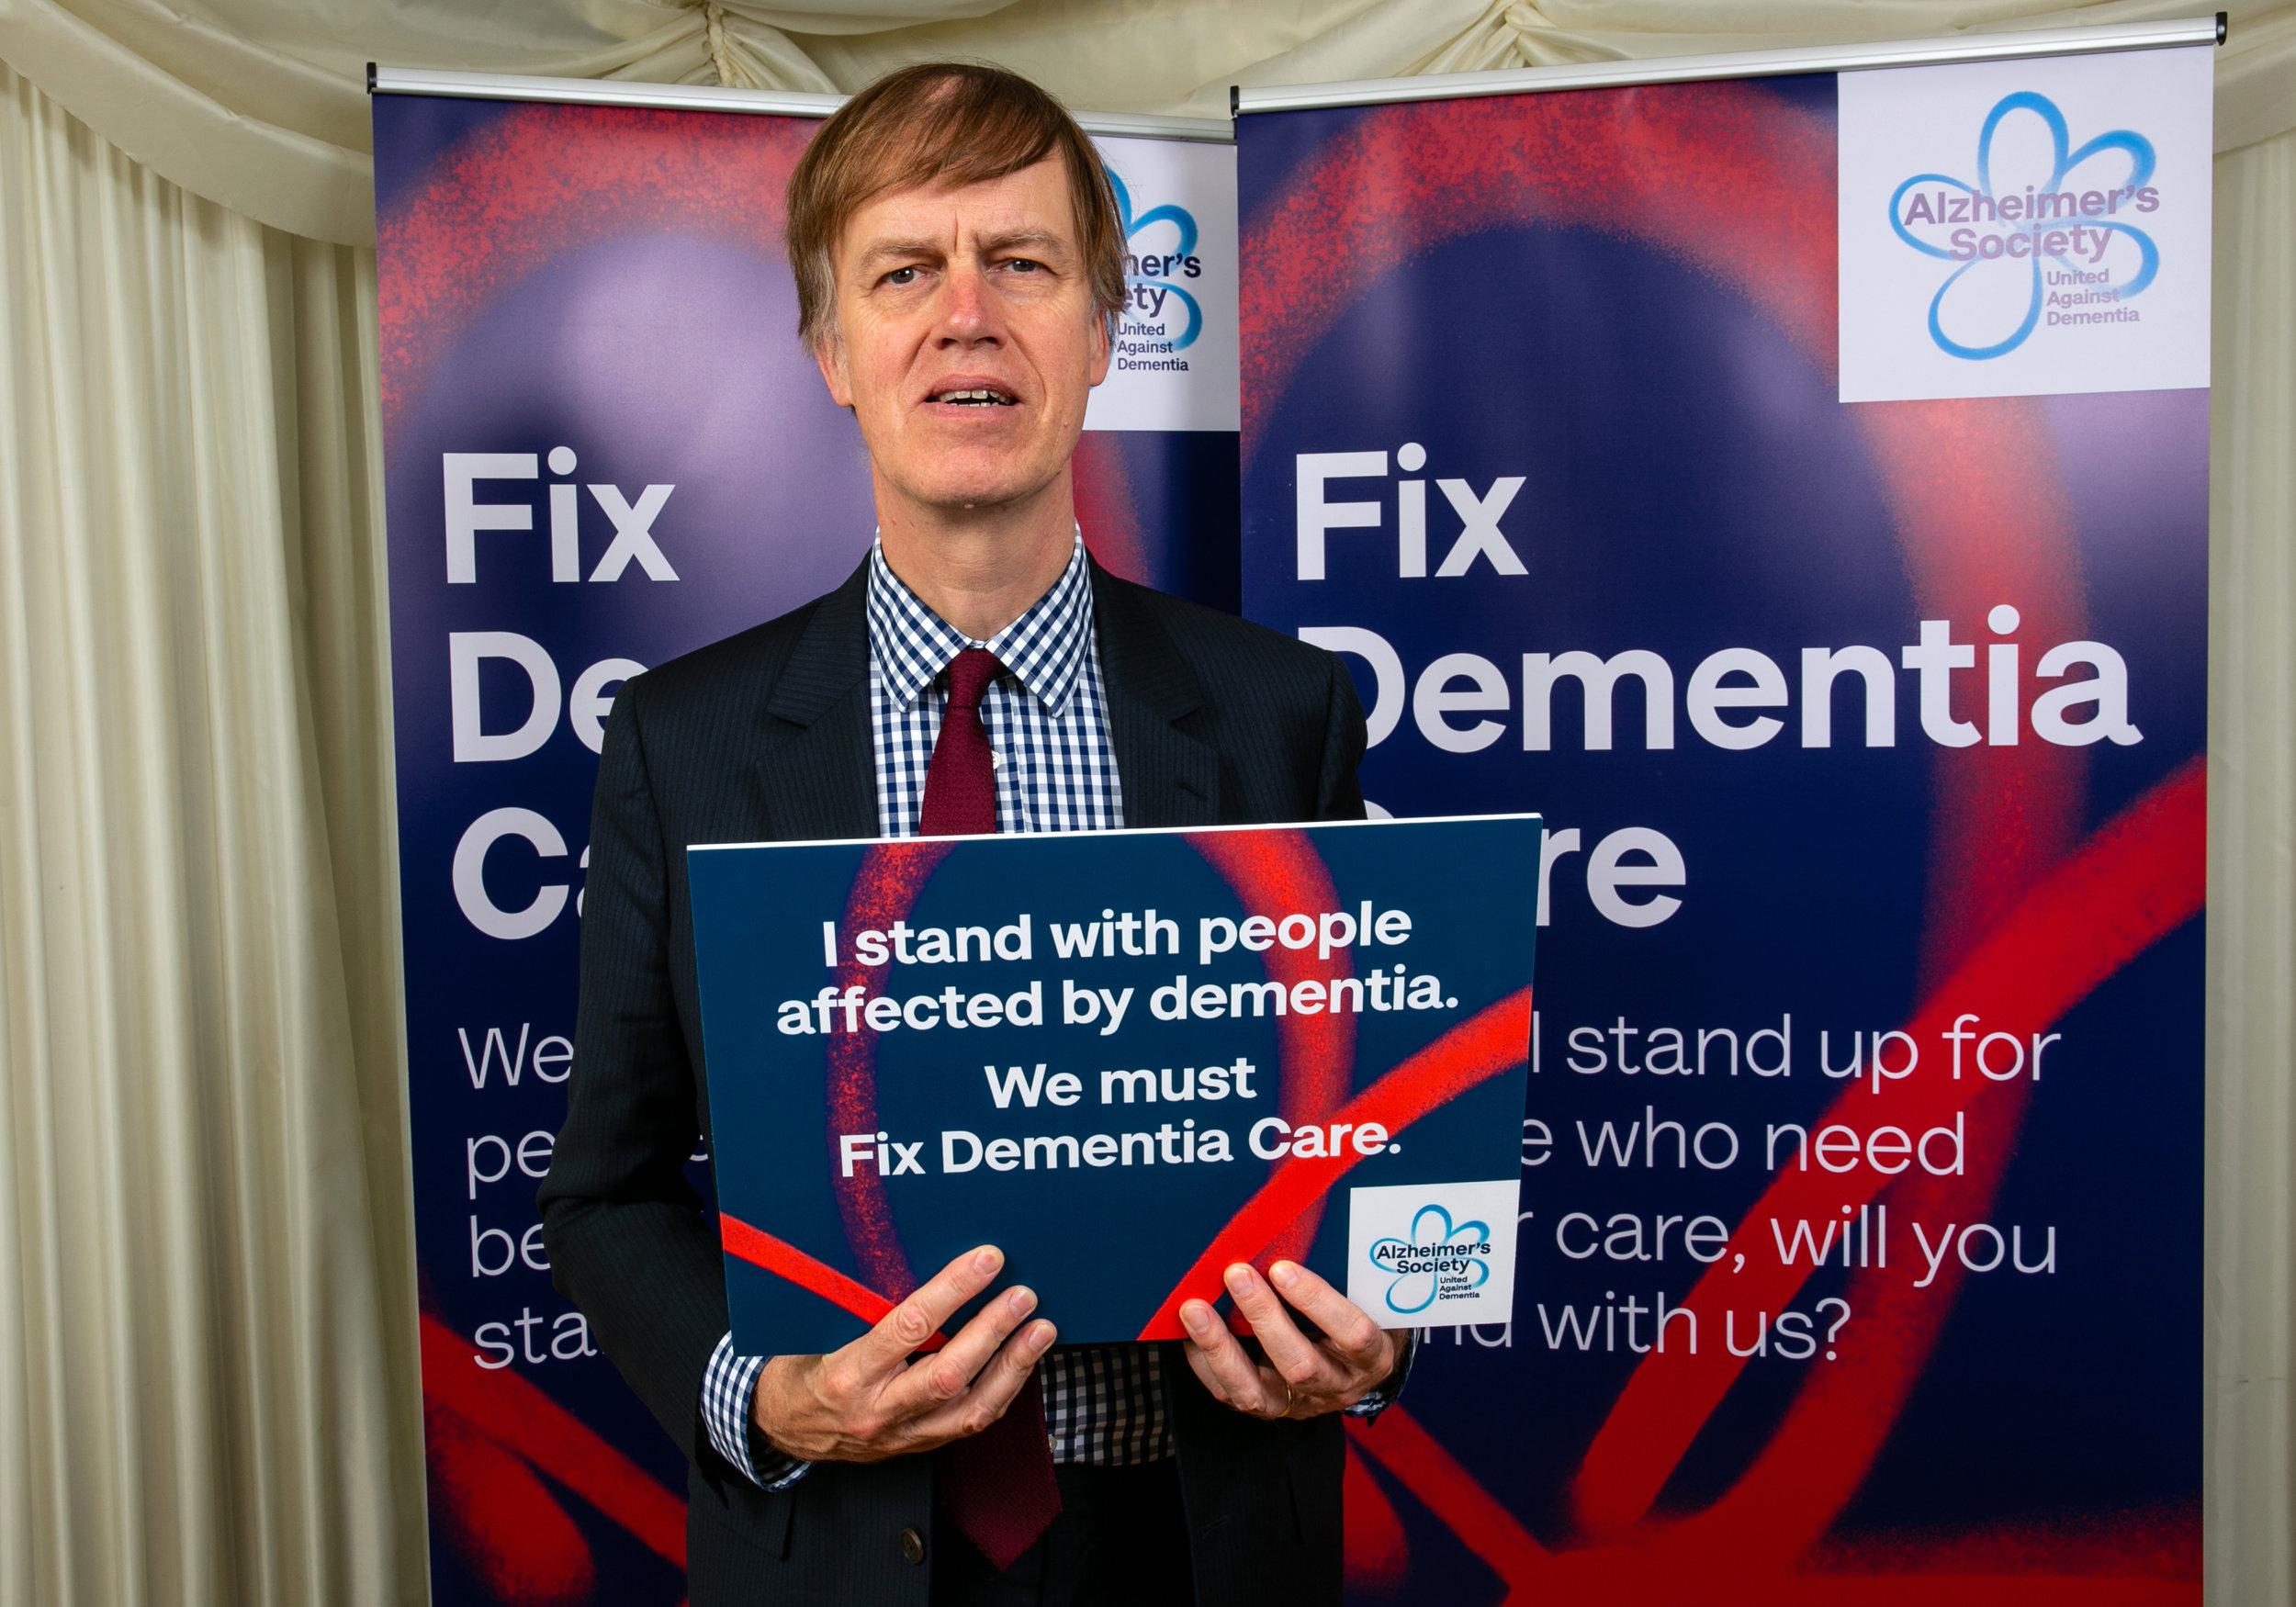 Stephen Timms - Fix Dementia Care.jpg